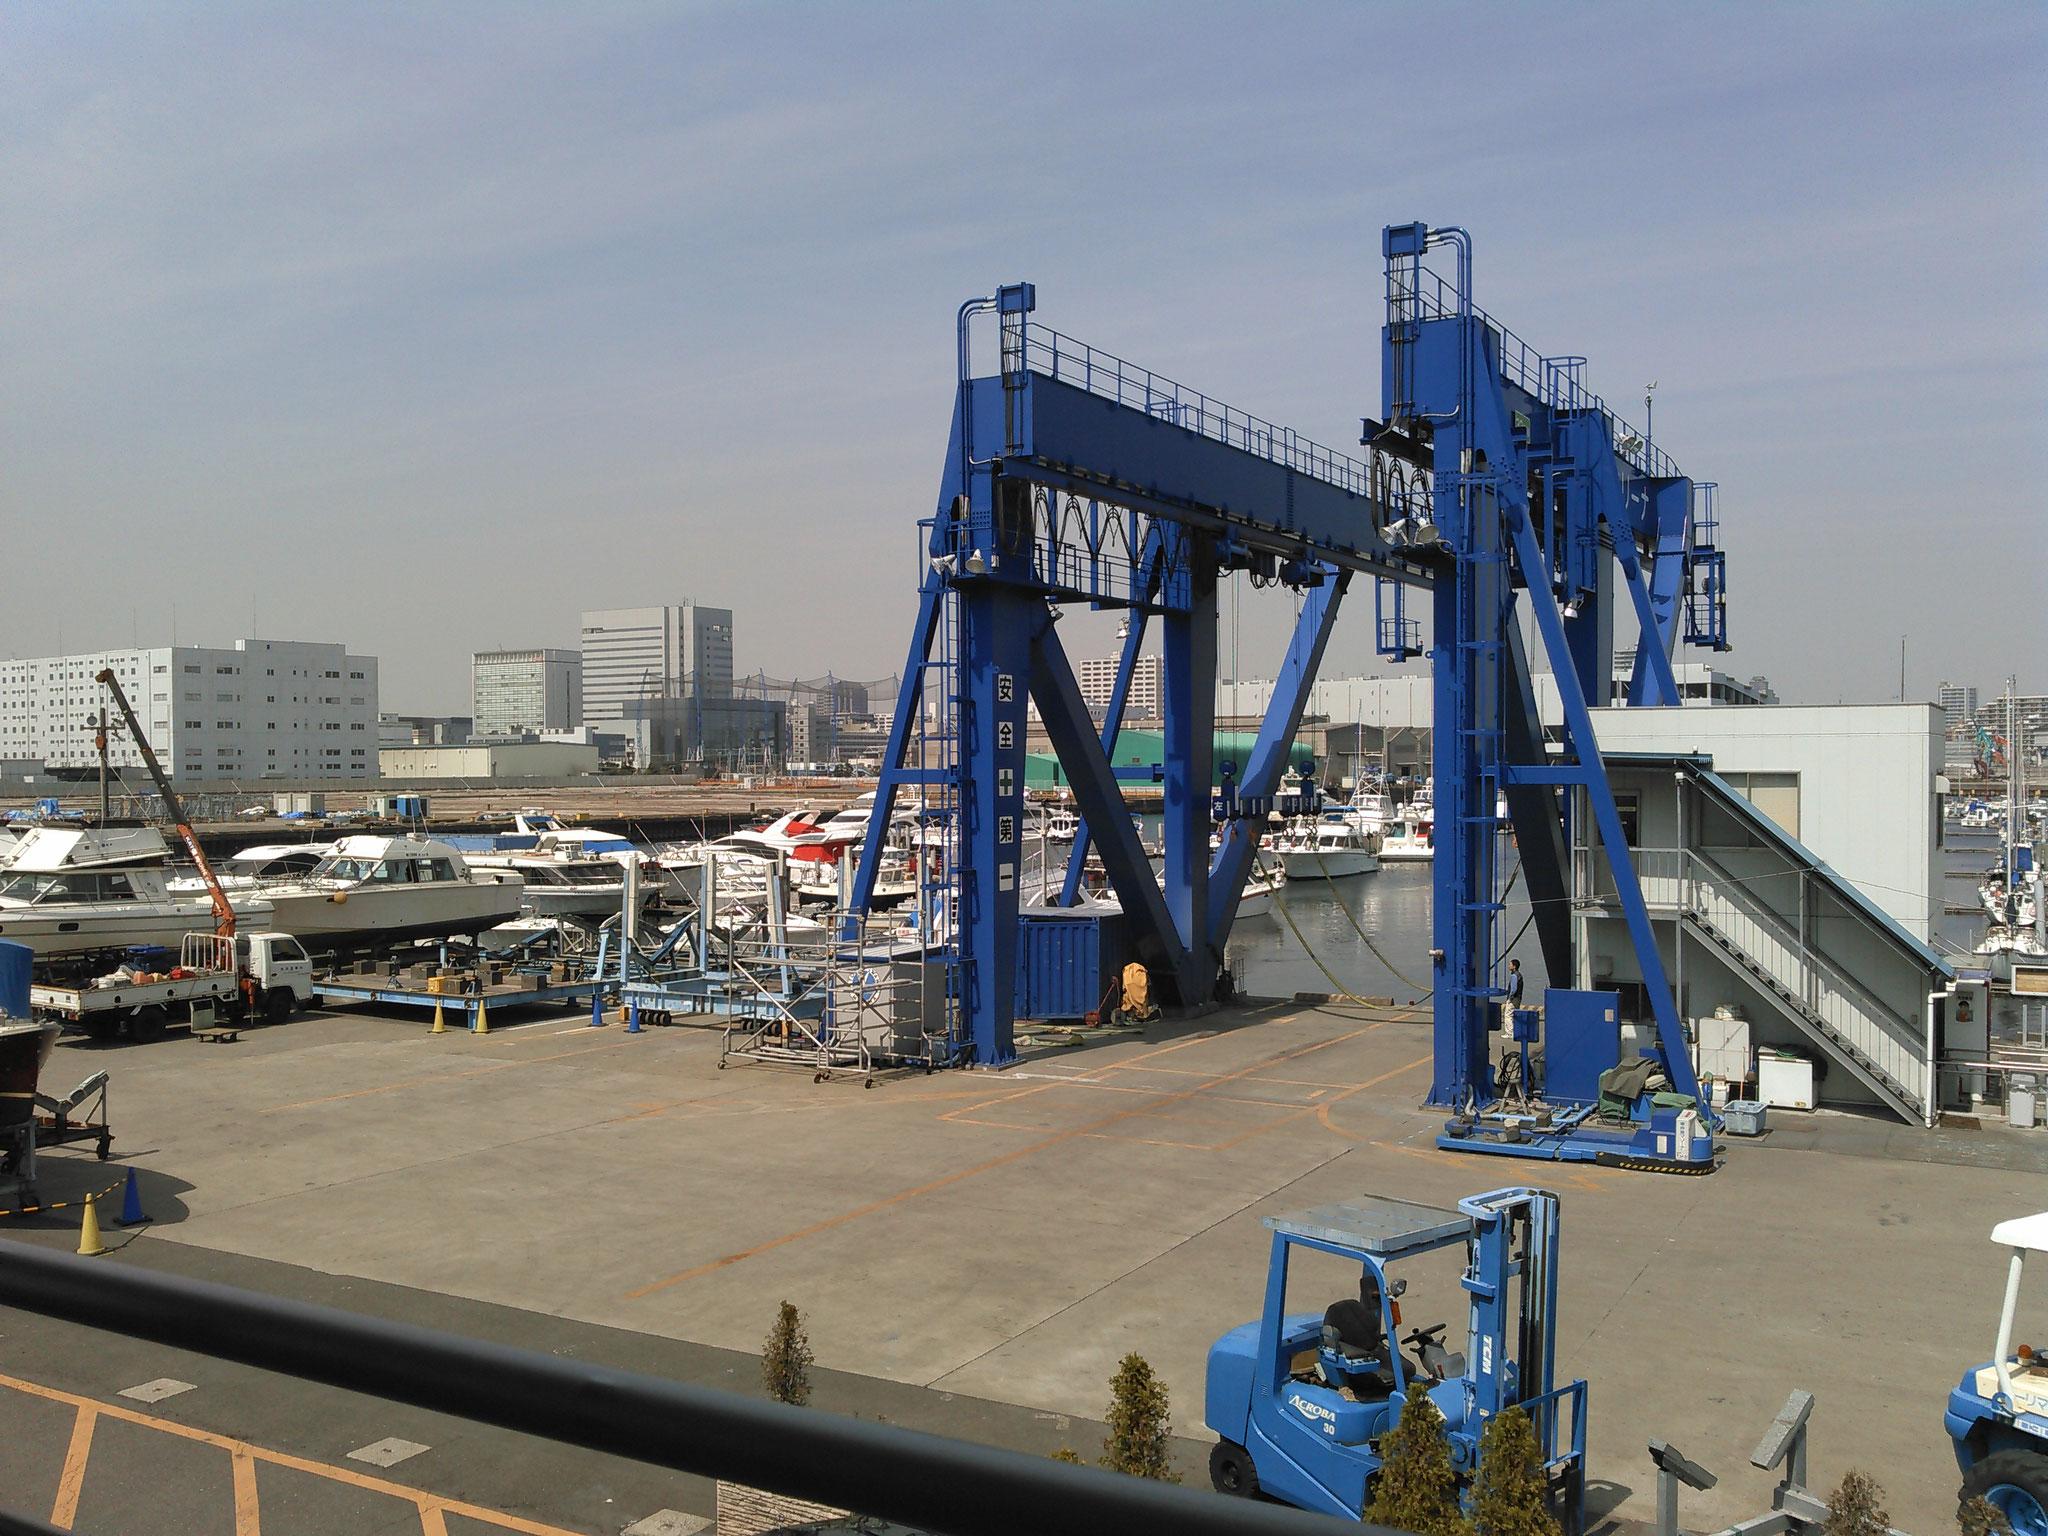 出港、は設備の整った湾マリーナ